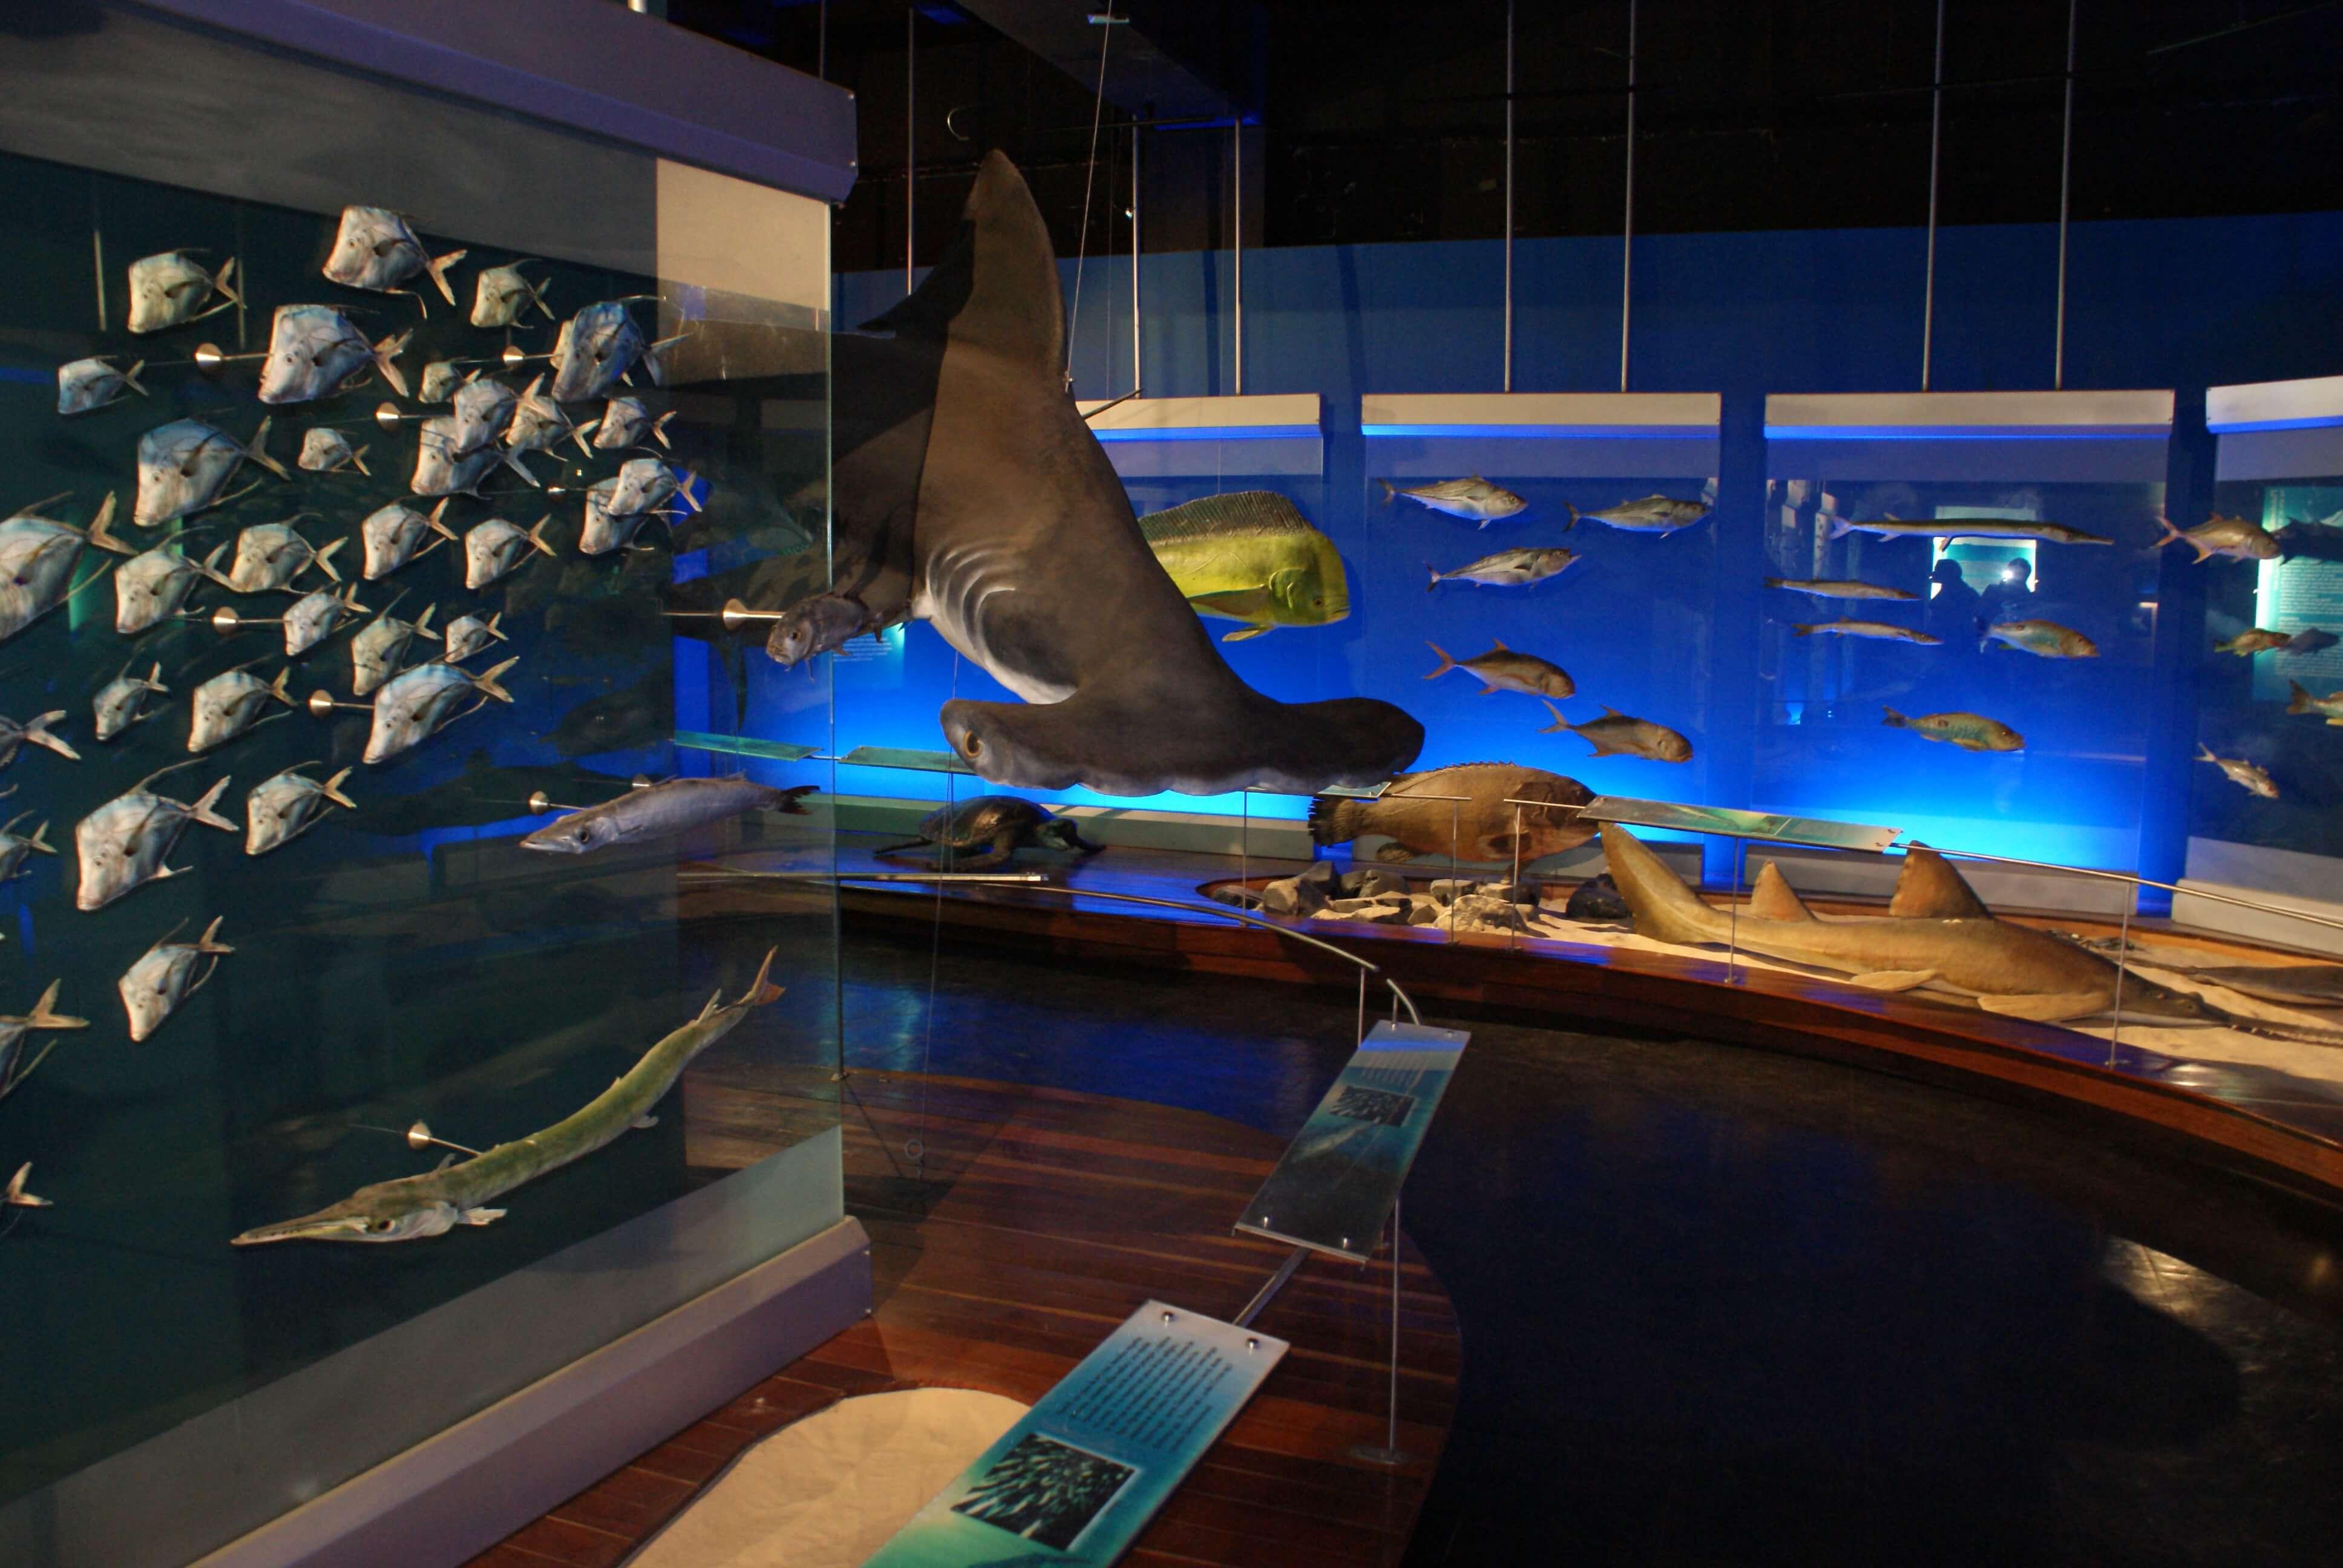 patrimonio-turistico/museo-departamental-de-ciencias-naturales--federico-carlos-lehmann